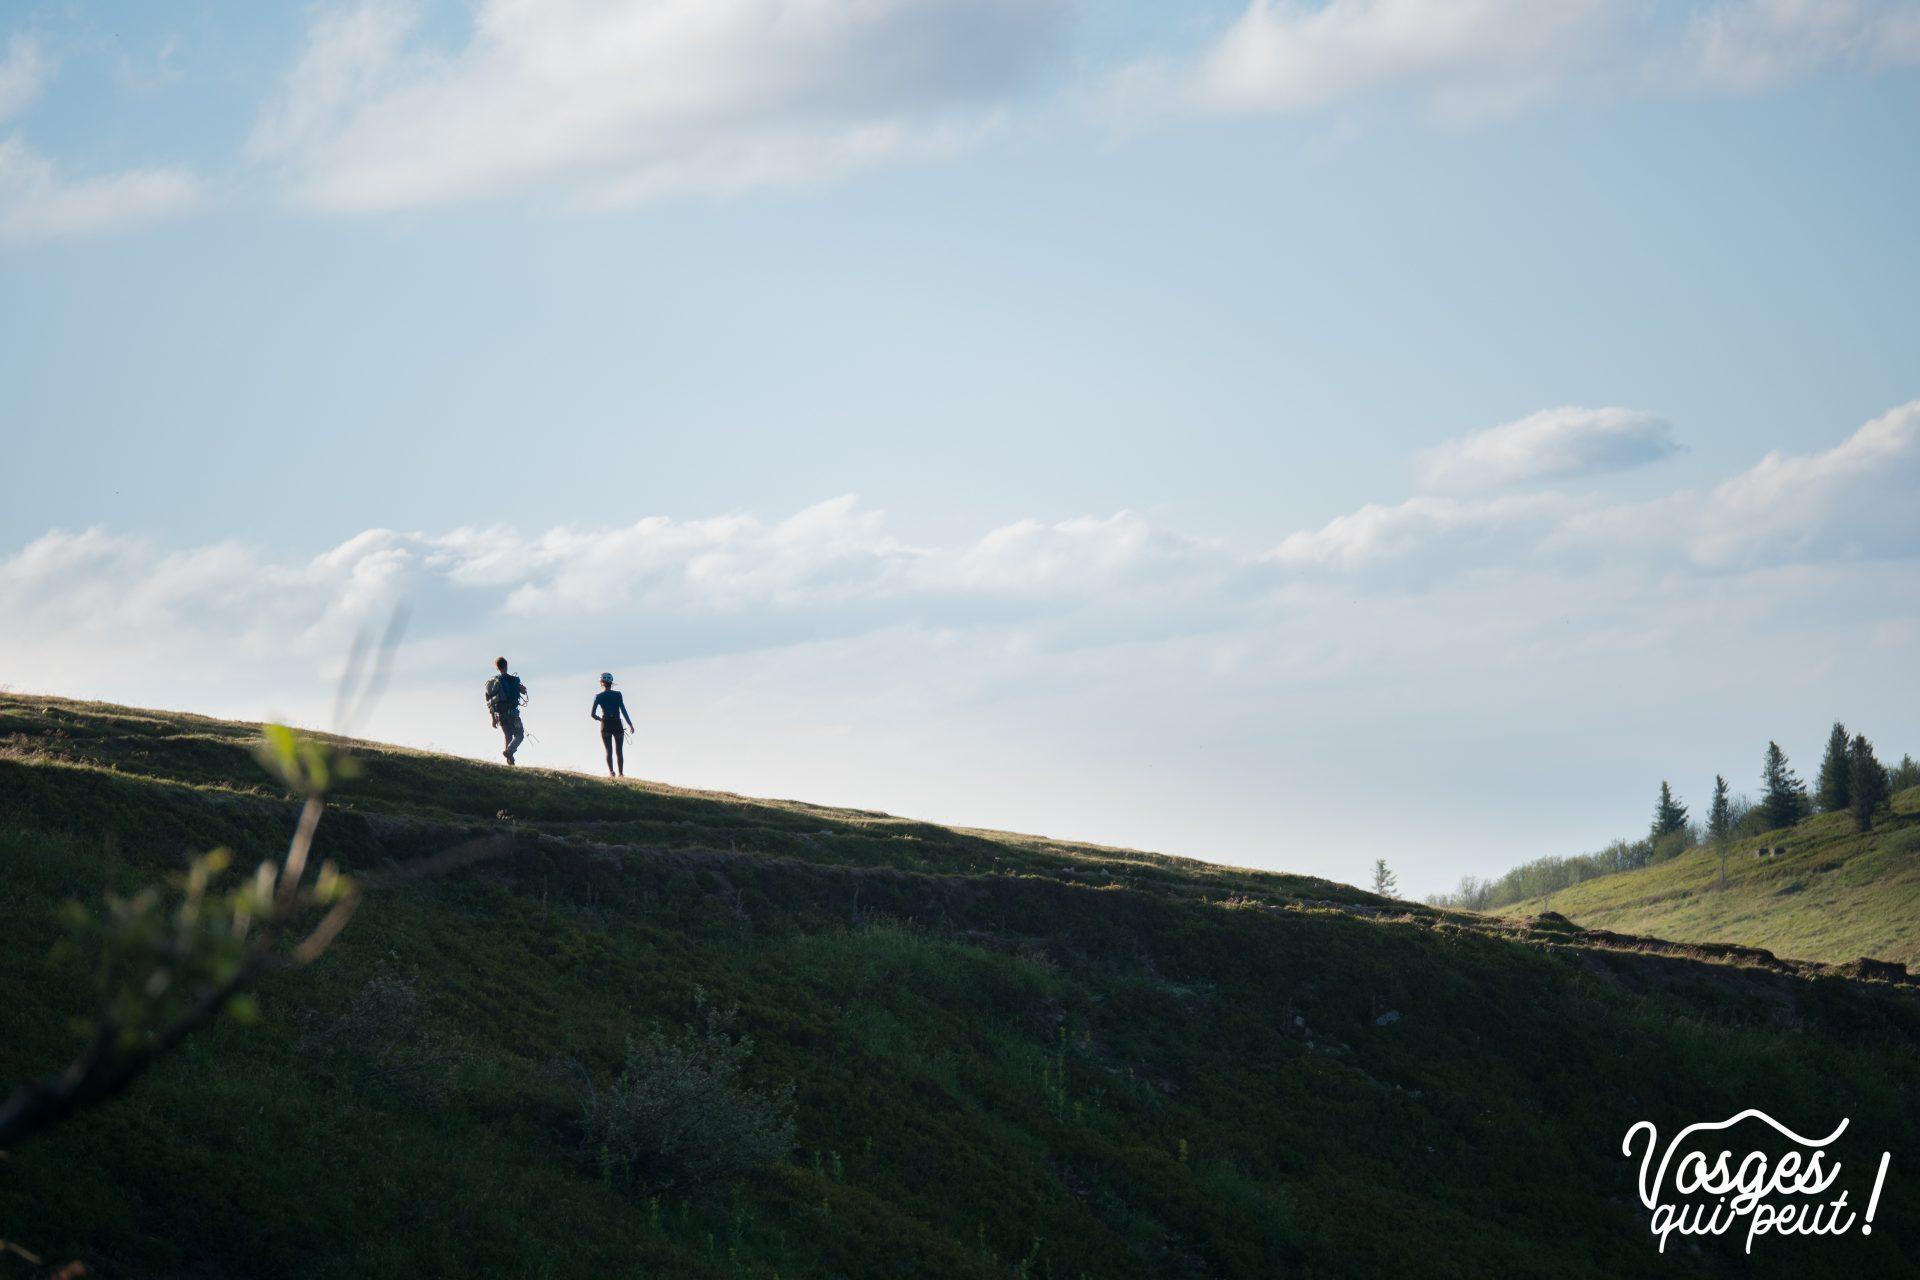 Randonneurs sur les chaumes du Massif des Vosges